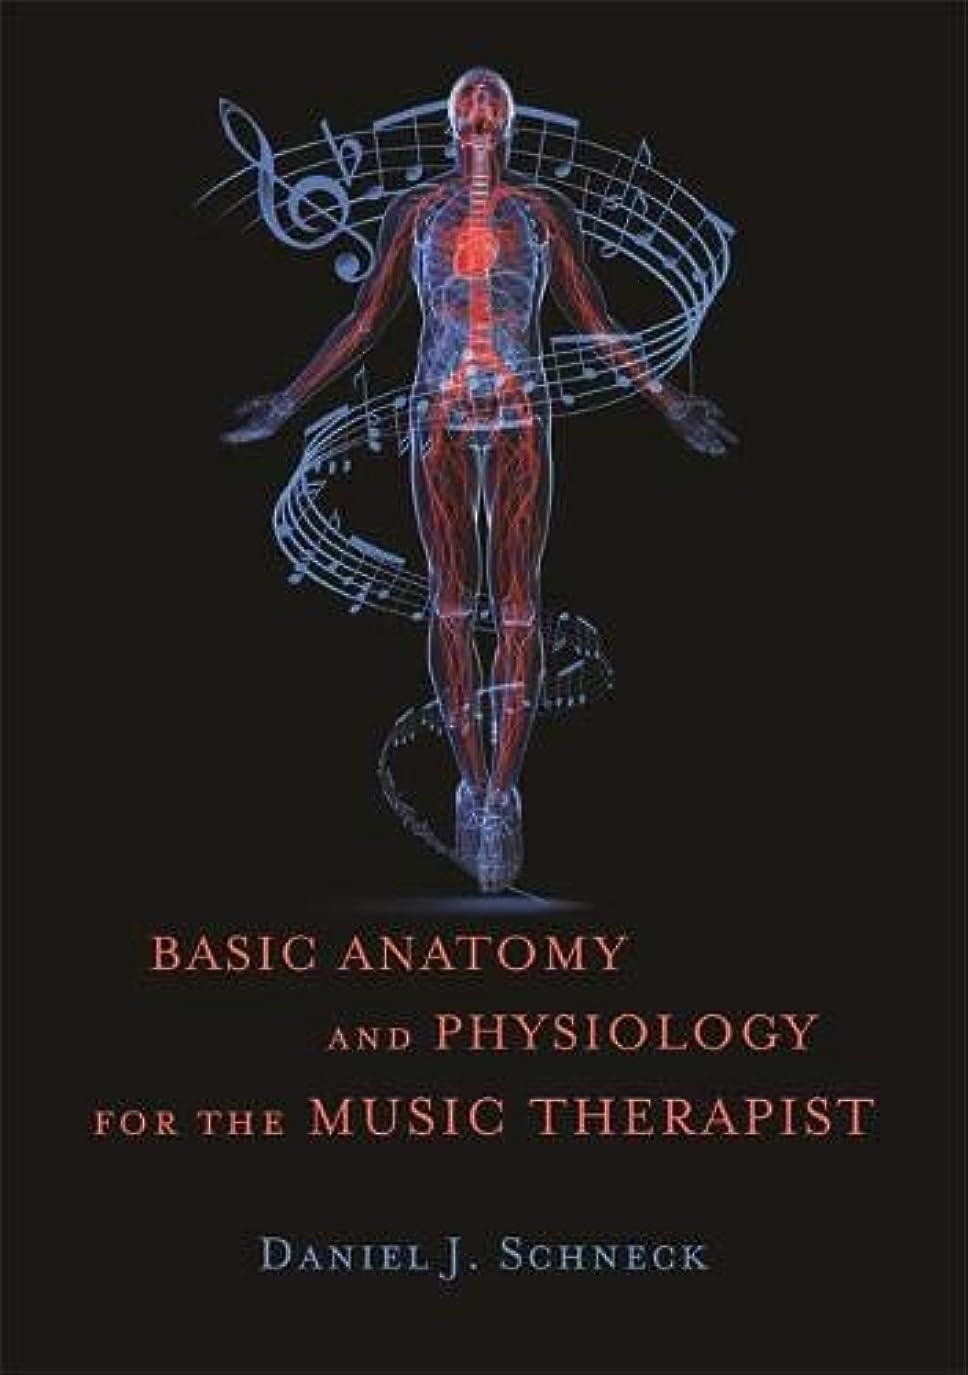 静けさ魅力的であることへのアピールではごきげんようBasic Anatomy and Physiology for the Music Therapist